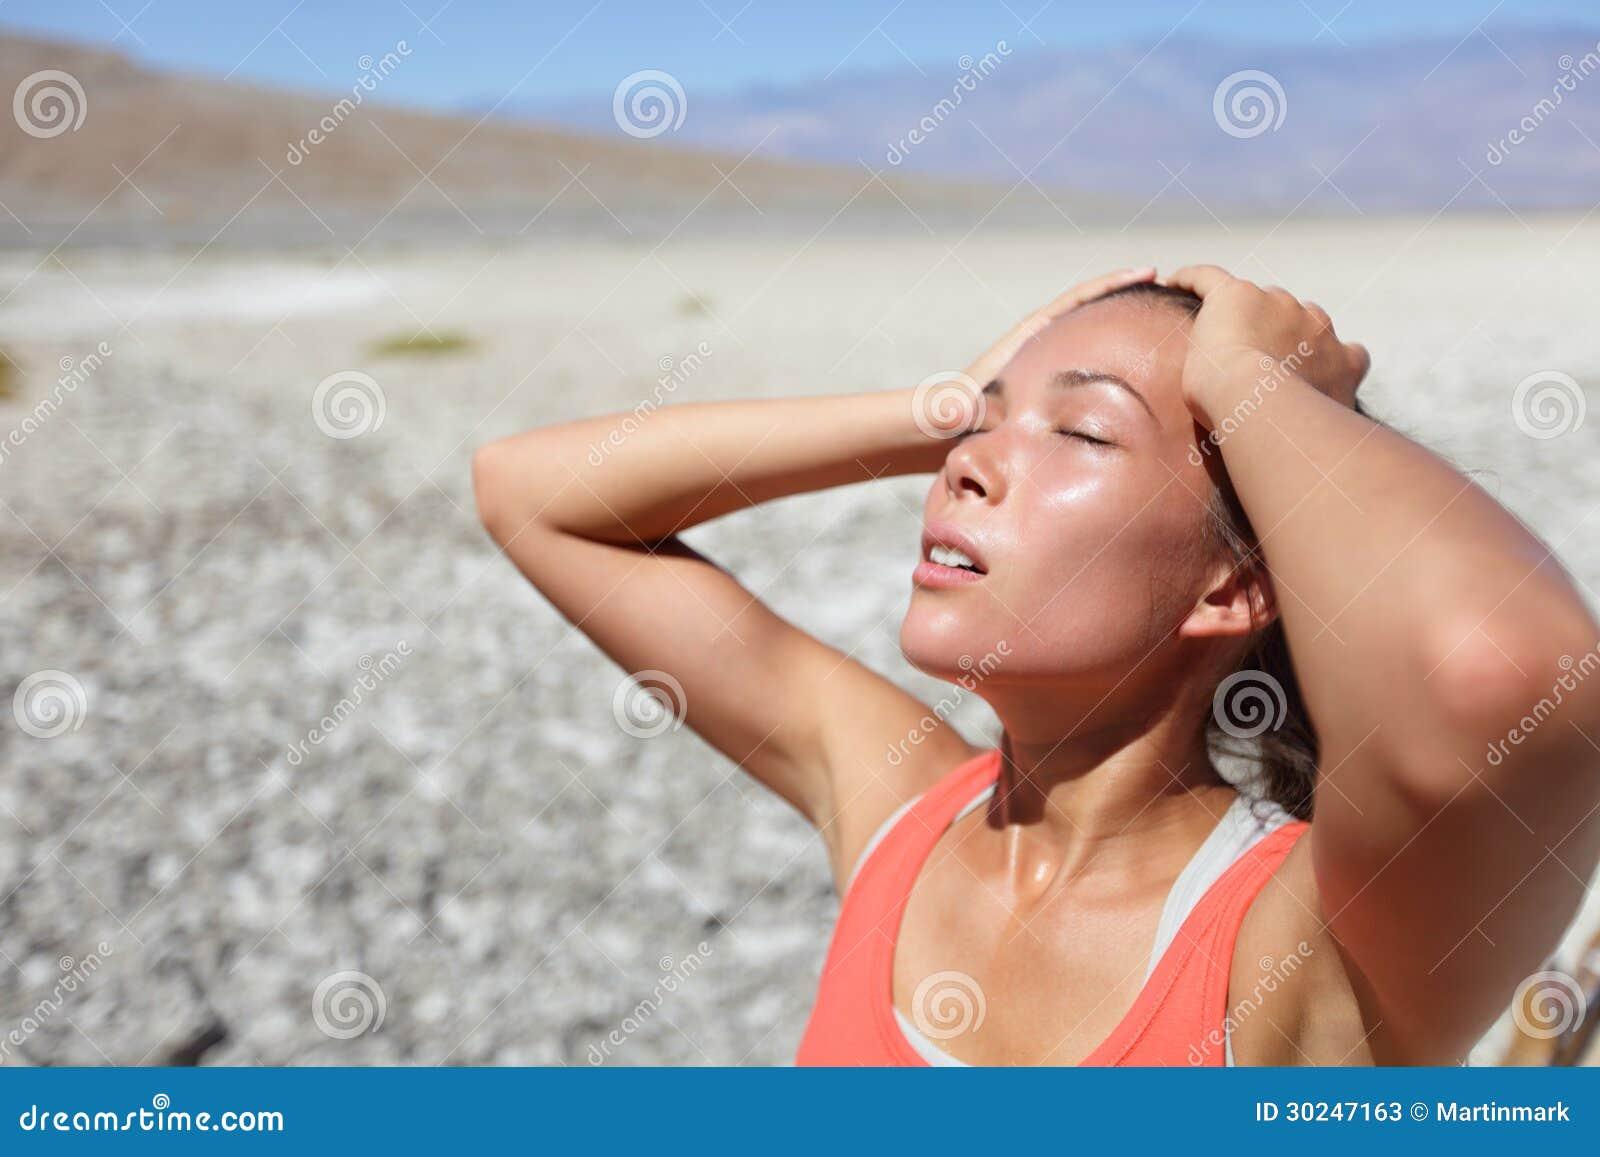 Assetato della donna del deserto disidratato in Death Valley